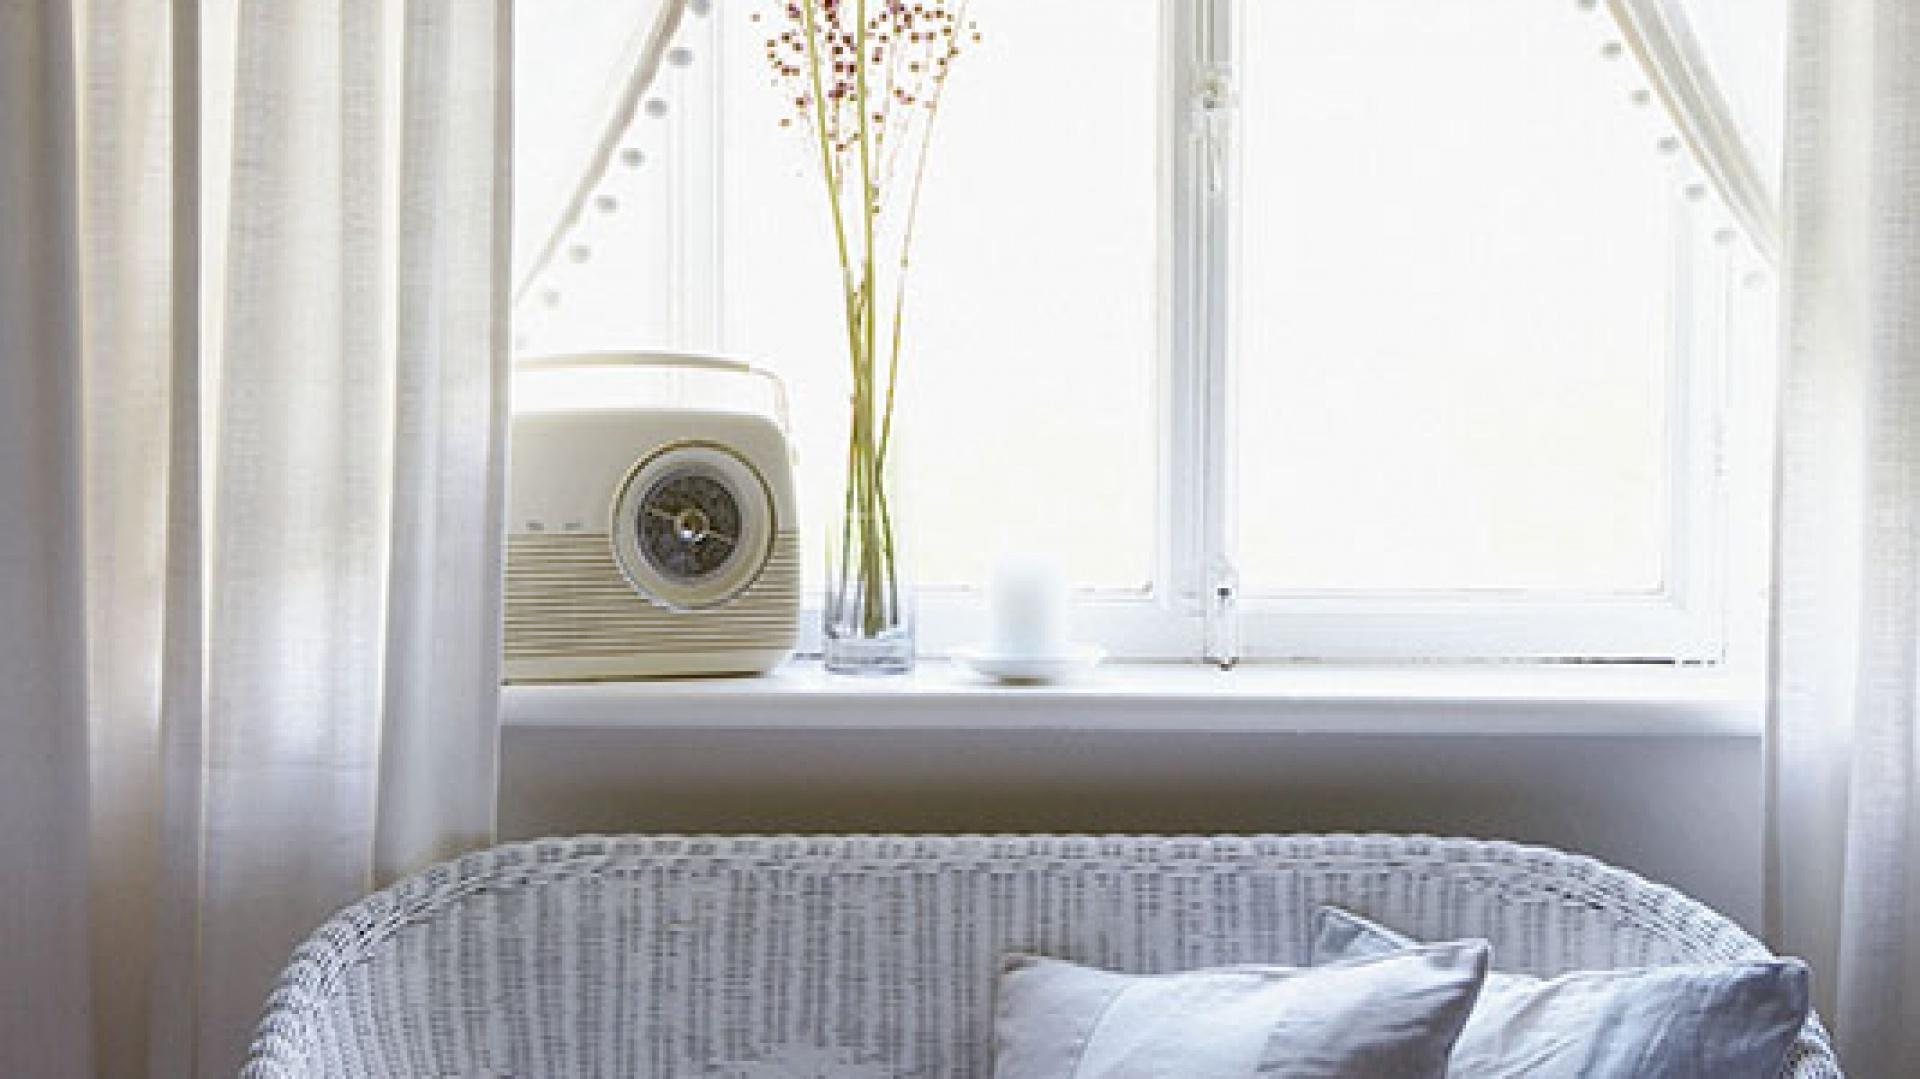 Sofa w stylu lloyd Loom została zakupiona przez Lizzie w jednym z lokalnych sklepów. Tworzy jedyną w swoim rodzaju całość z prostymi lnianymi zasłonami z IKEA i lnianymi poduszkami z Volga Linen. Fot. Brent Darby/Narratives.